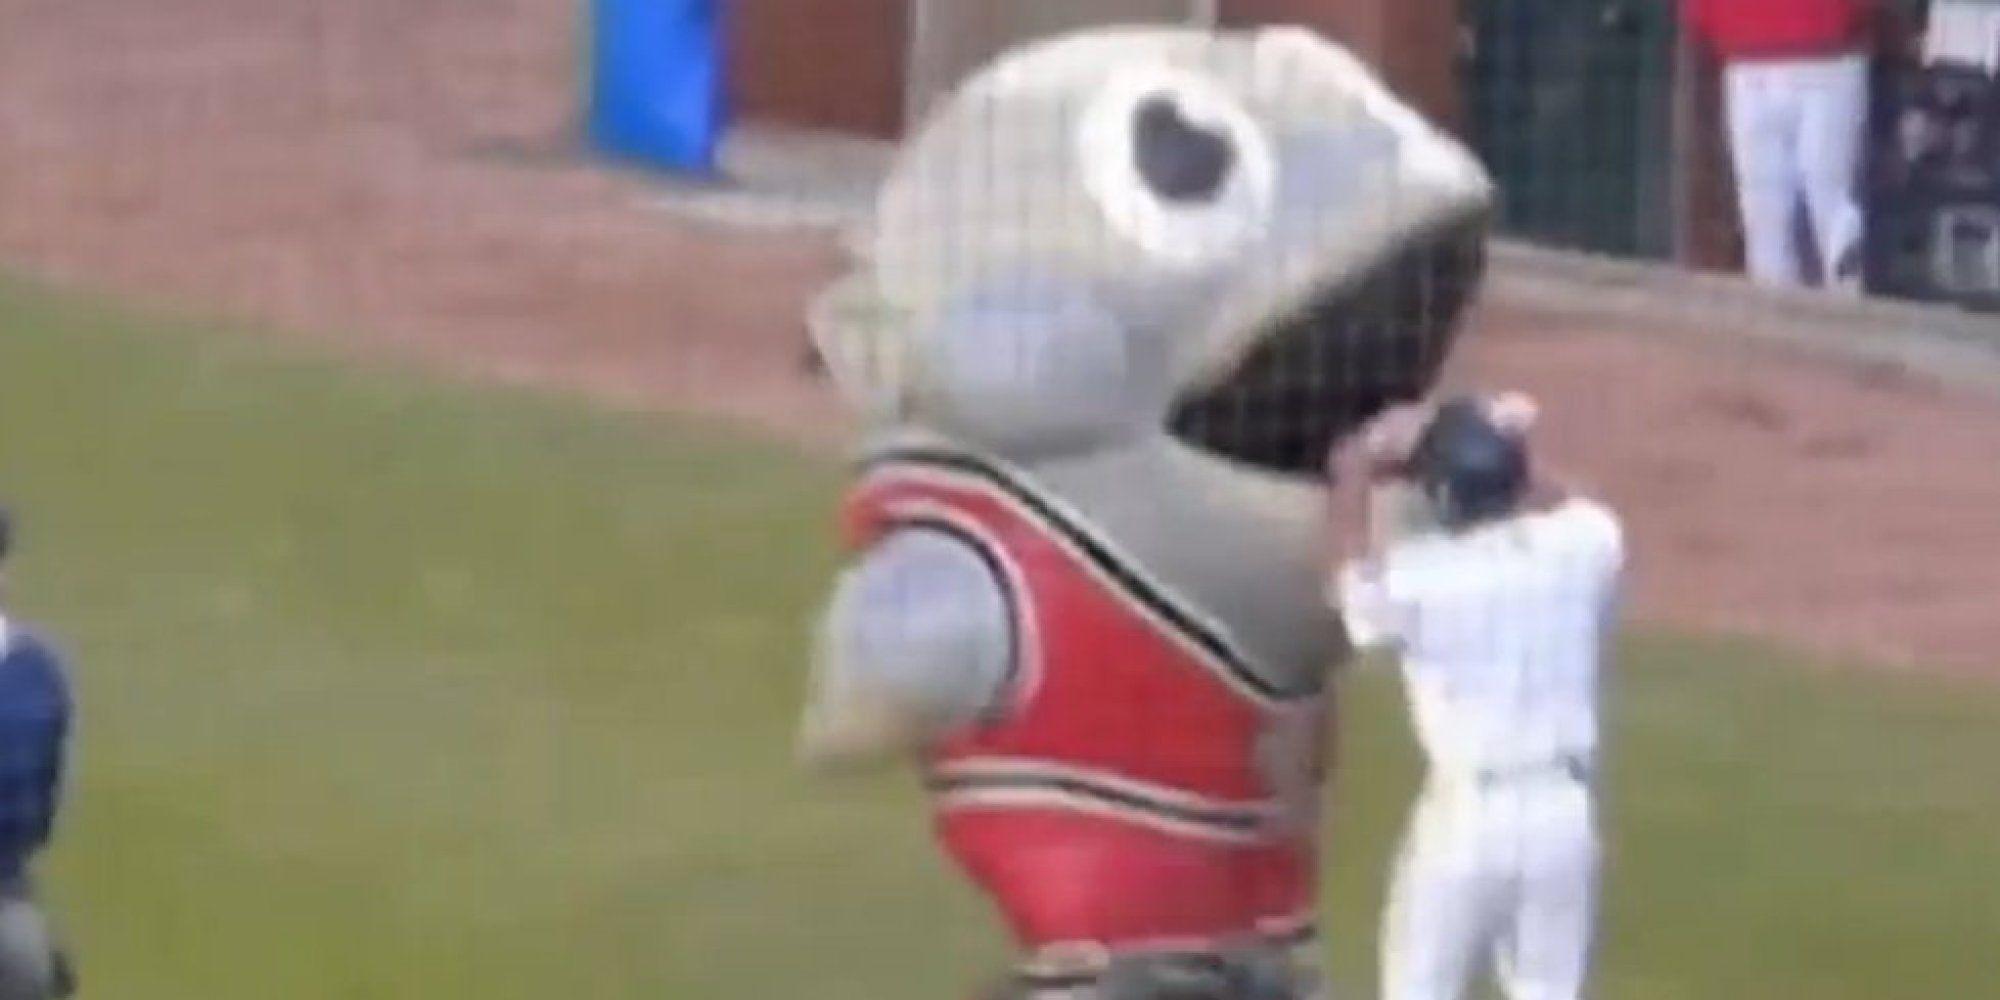 Its just a fish mascot eating a baseball player